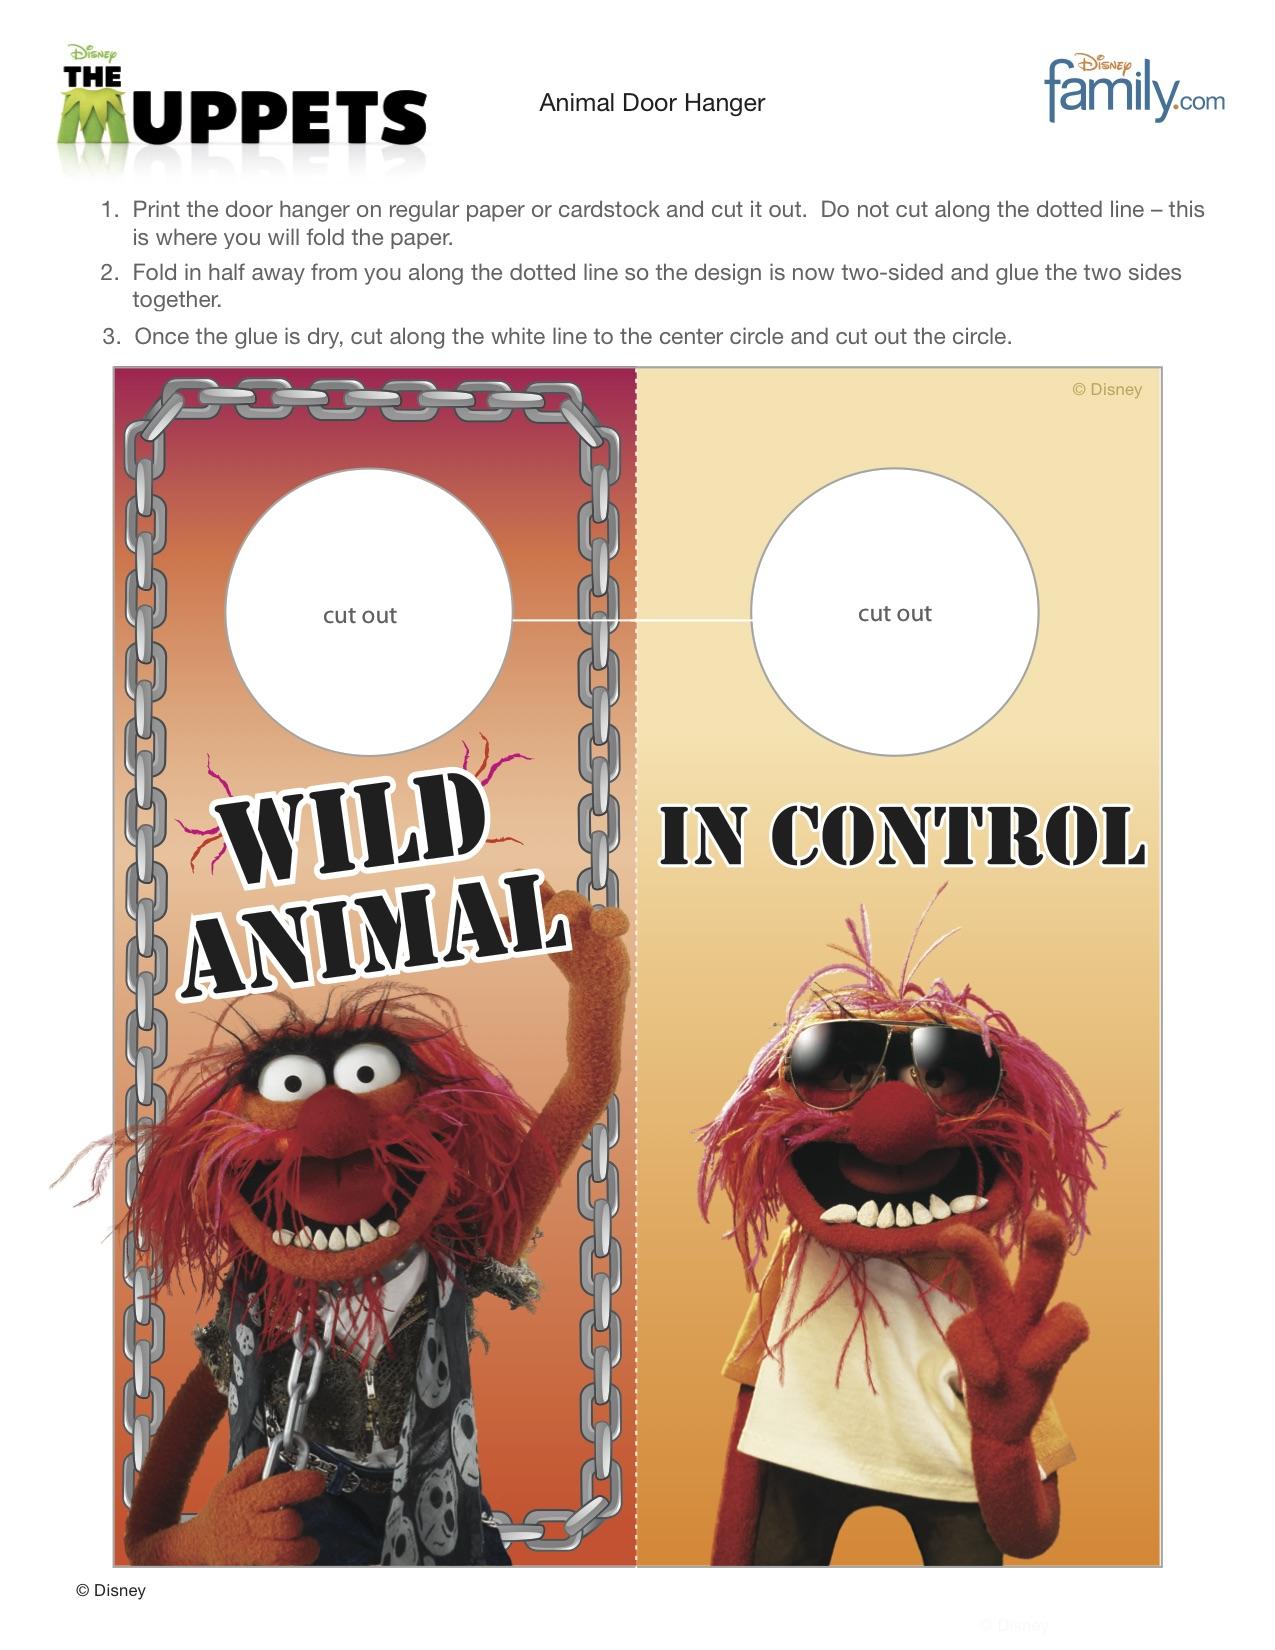 muppets-animal-door-hanger-printable-1011 copy.jpg